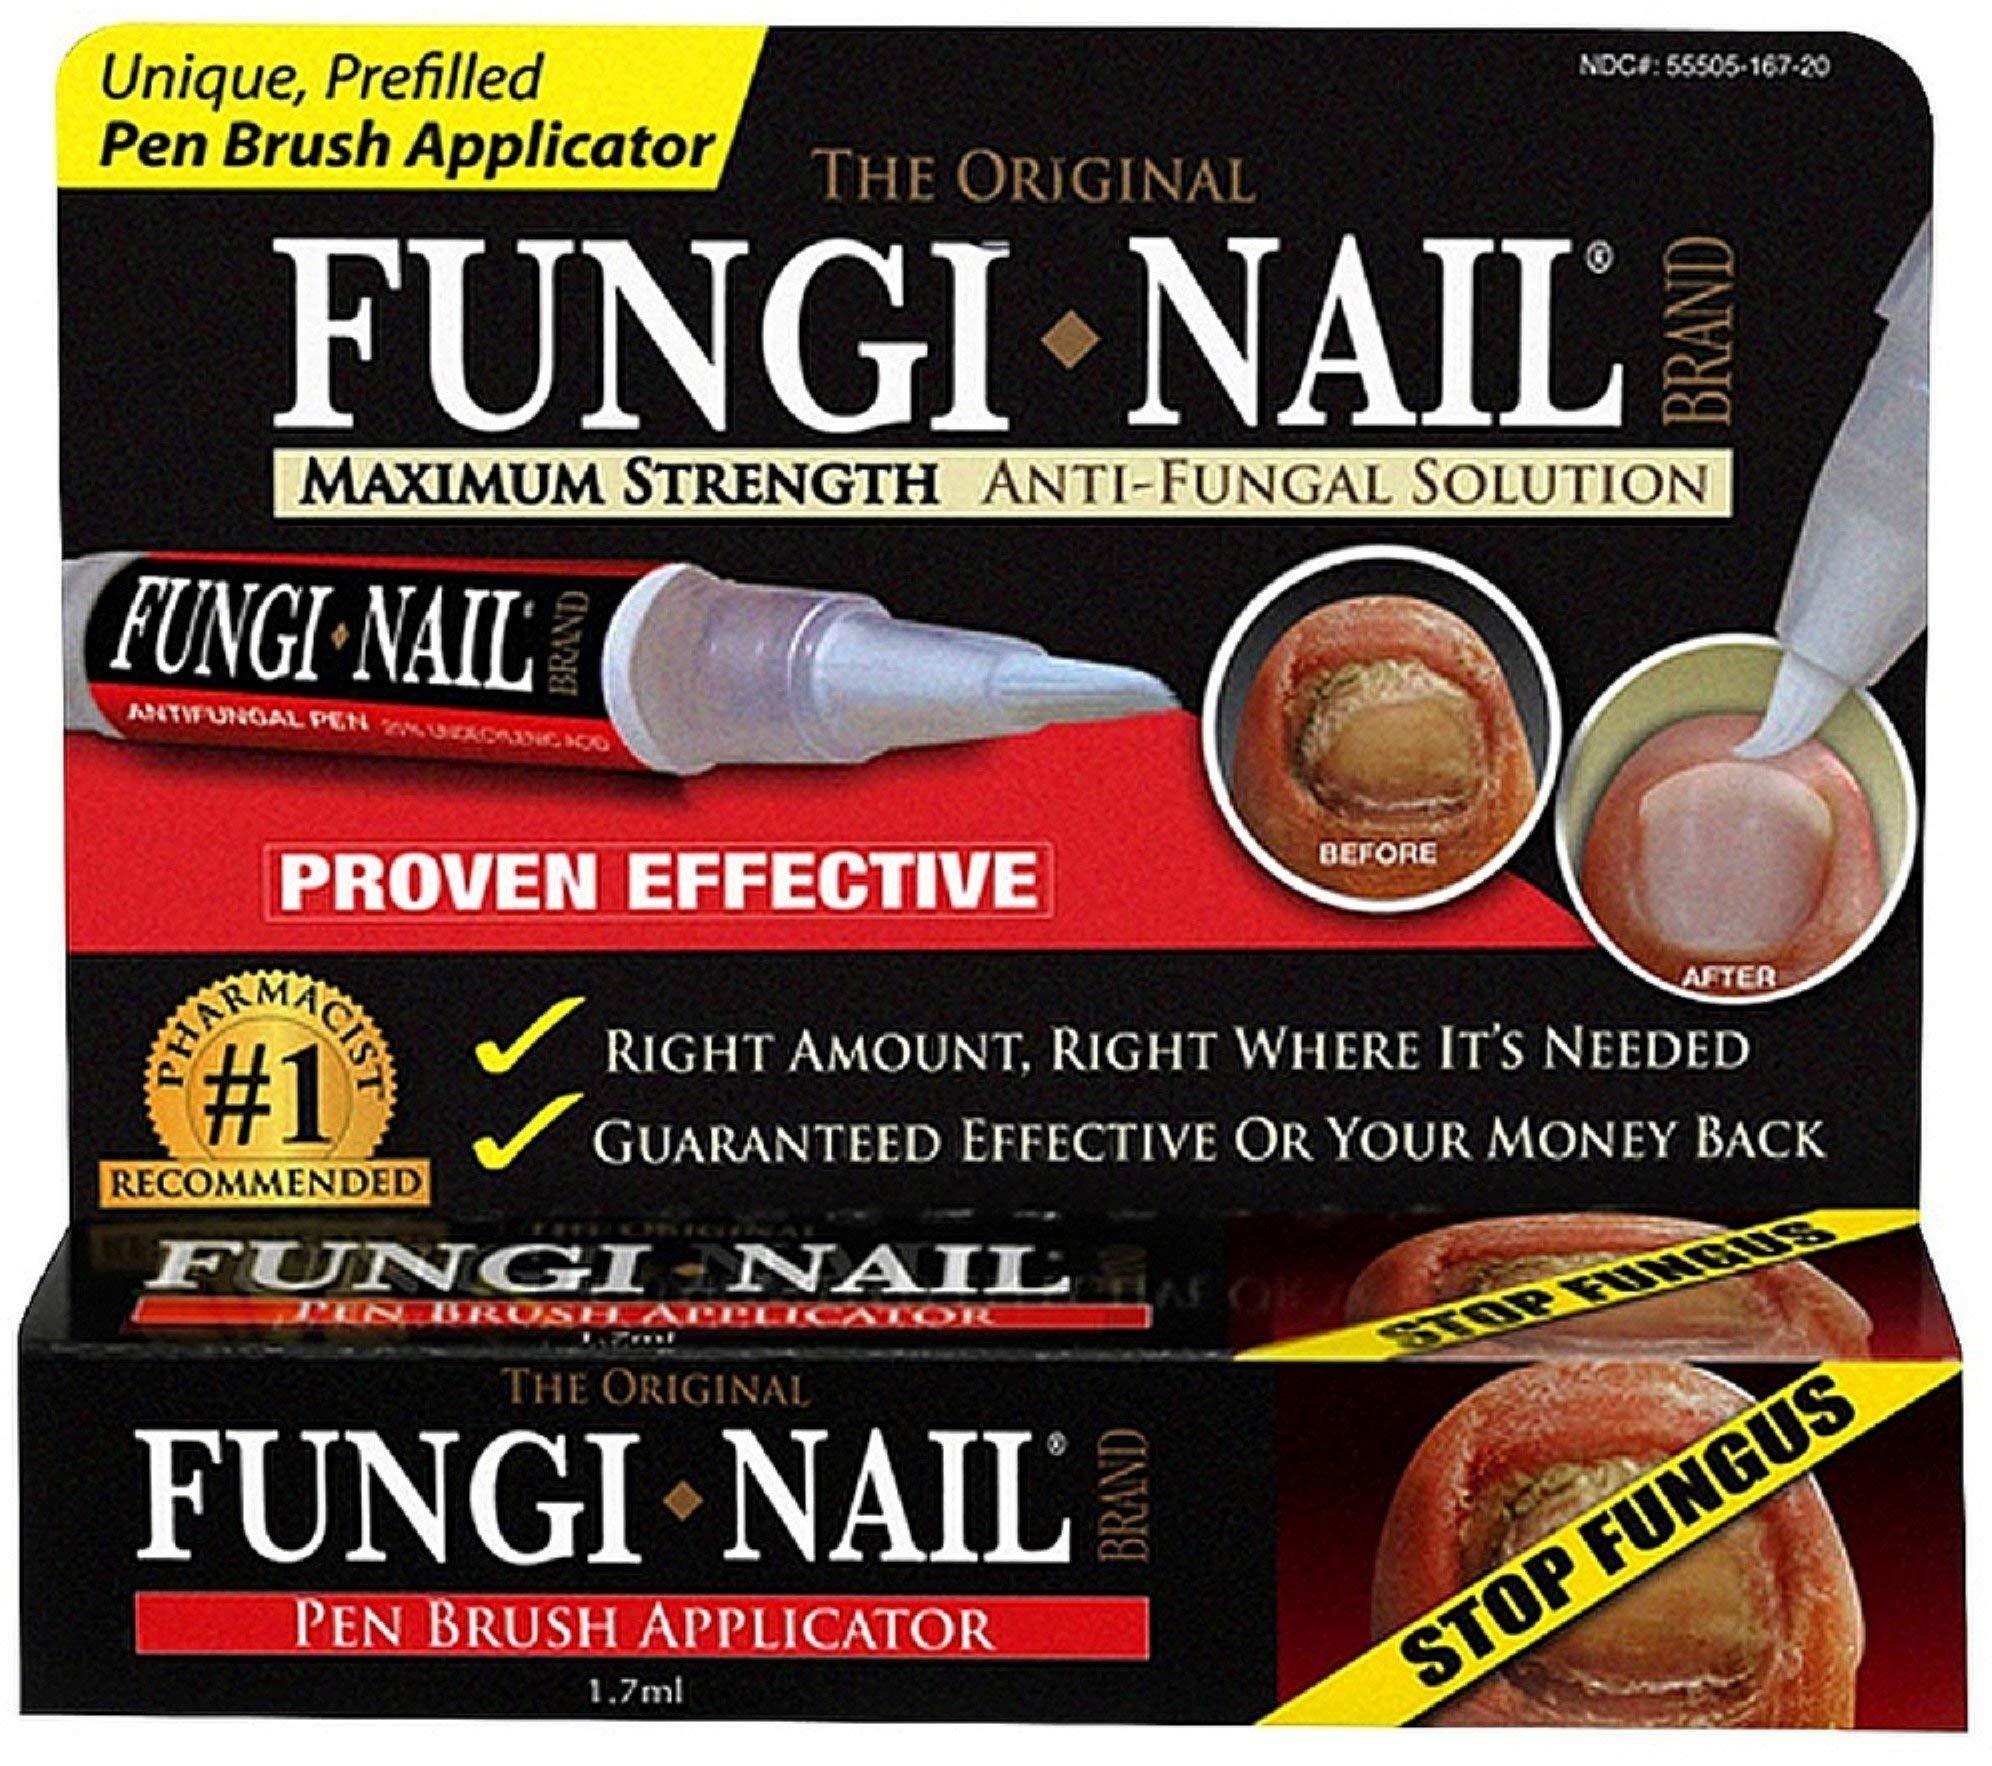 Fungi Nail Pen Applicator Carton (Pack of 5) by Fungi Nail